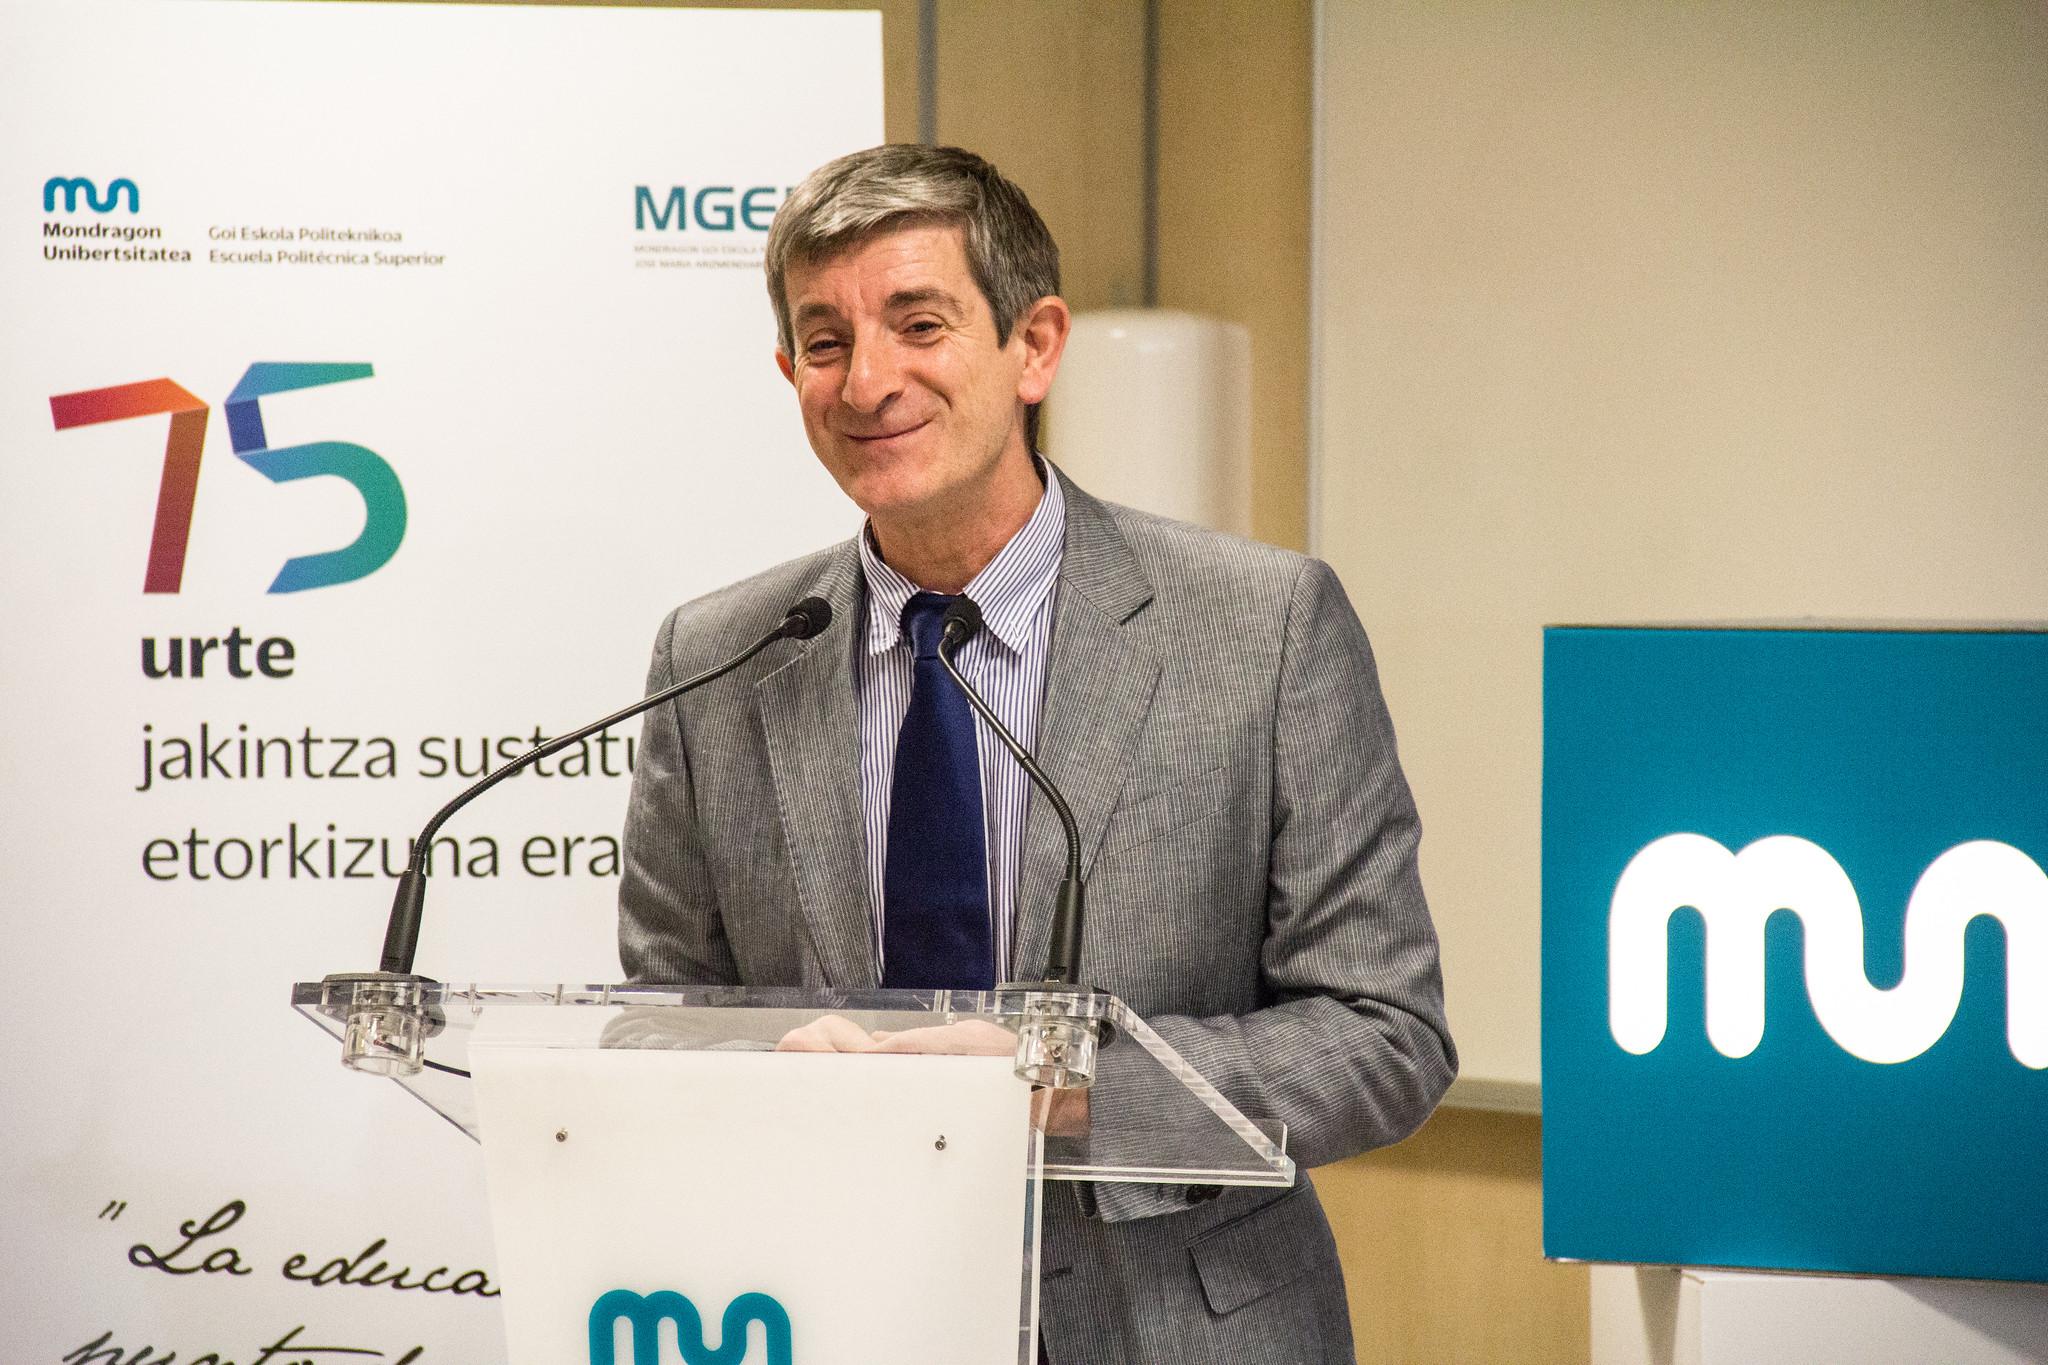 Reinauguración del Aula de Componentes de Mondragon Unibertsitatea y la División de Componentes de MONDRAGON